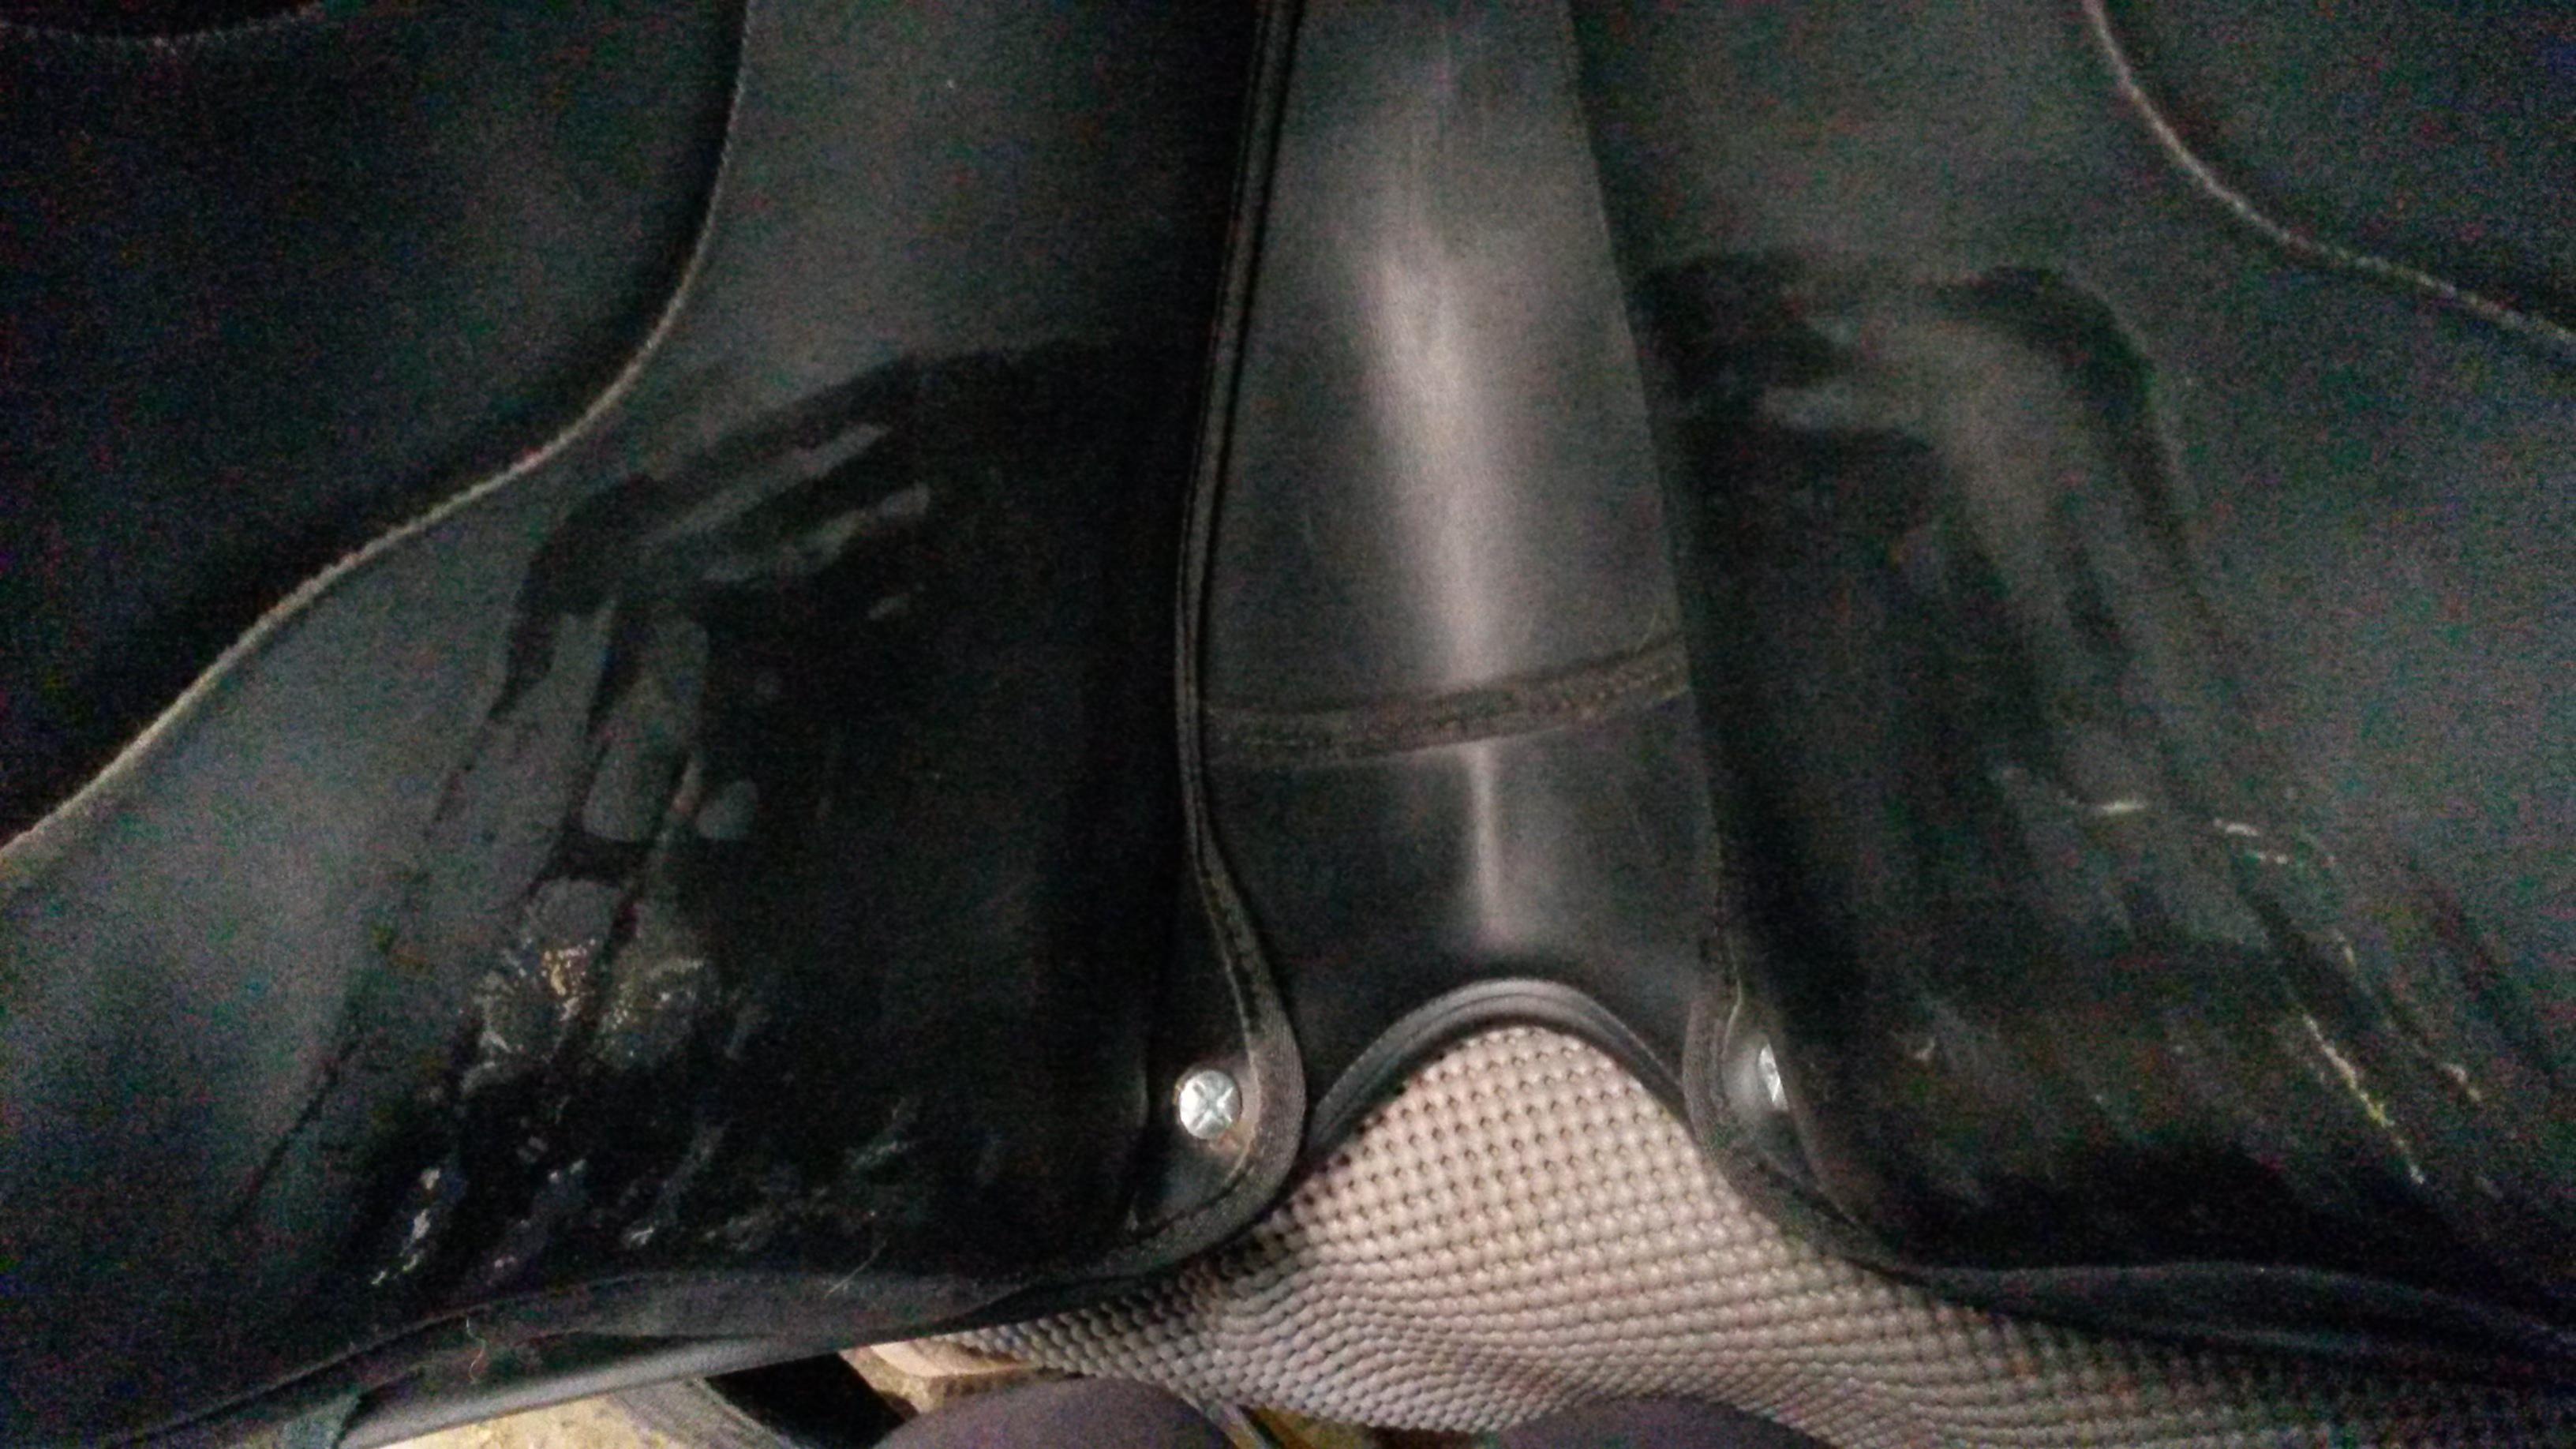 Les selles mon plus grand cauchemar 4 forum cheval - Mon tapis de course ne fonctionne plus ...